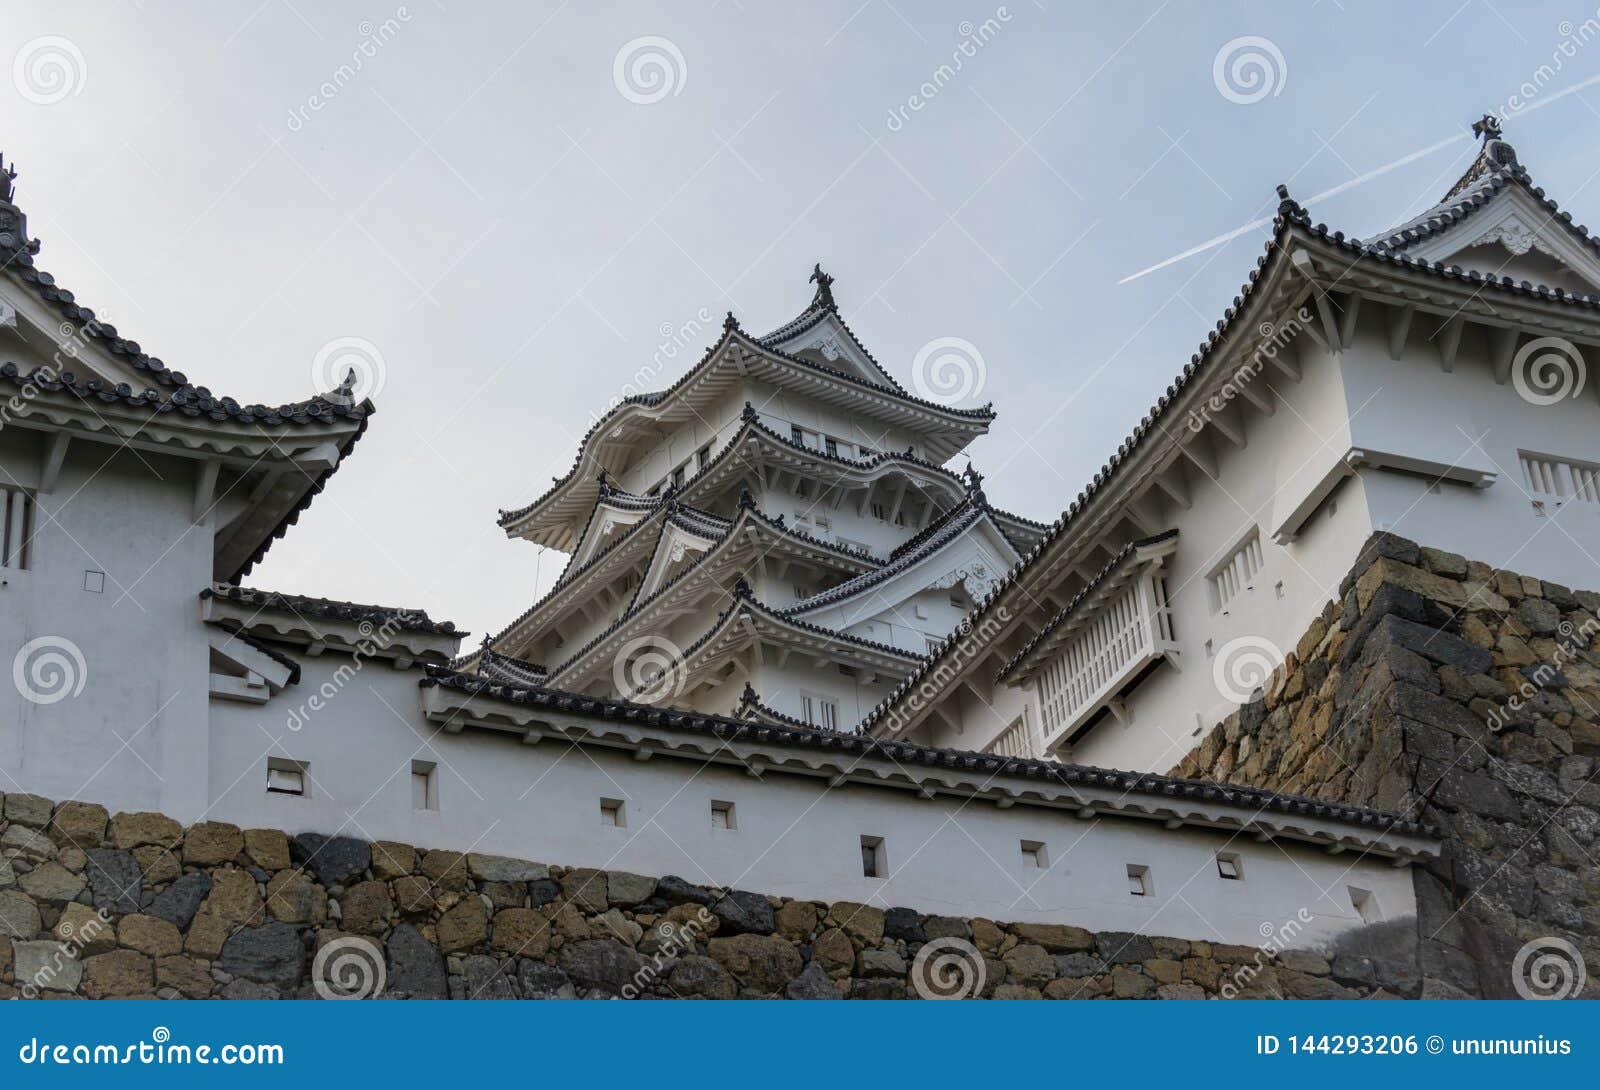 Detalle del castillo de Himeji y paredes en un claro, día soleado Himeji, Hyogo, Japón, Asia